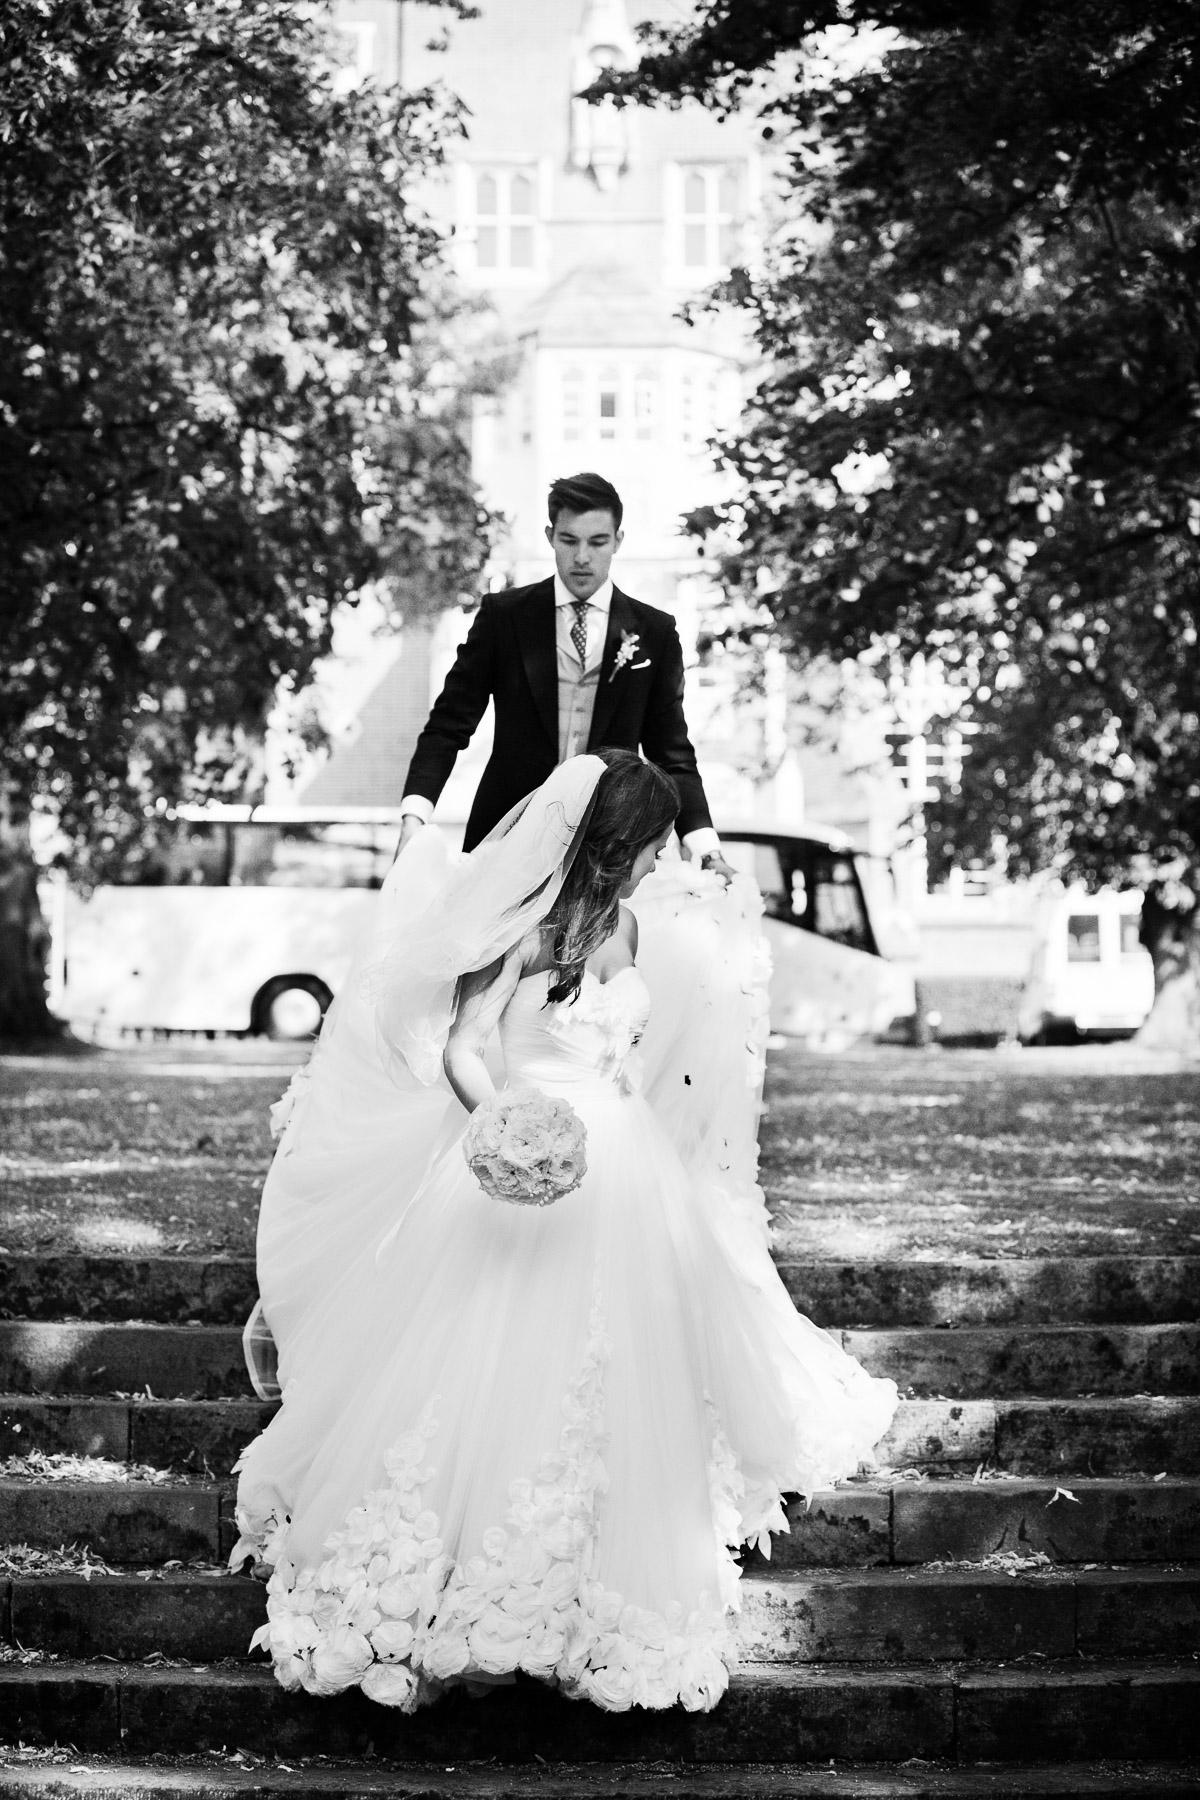 wedding portfolio 25-09-17  037.jpg